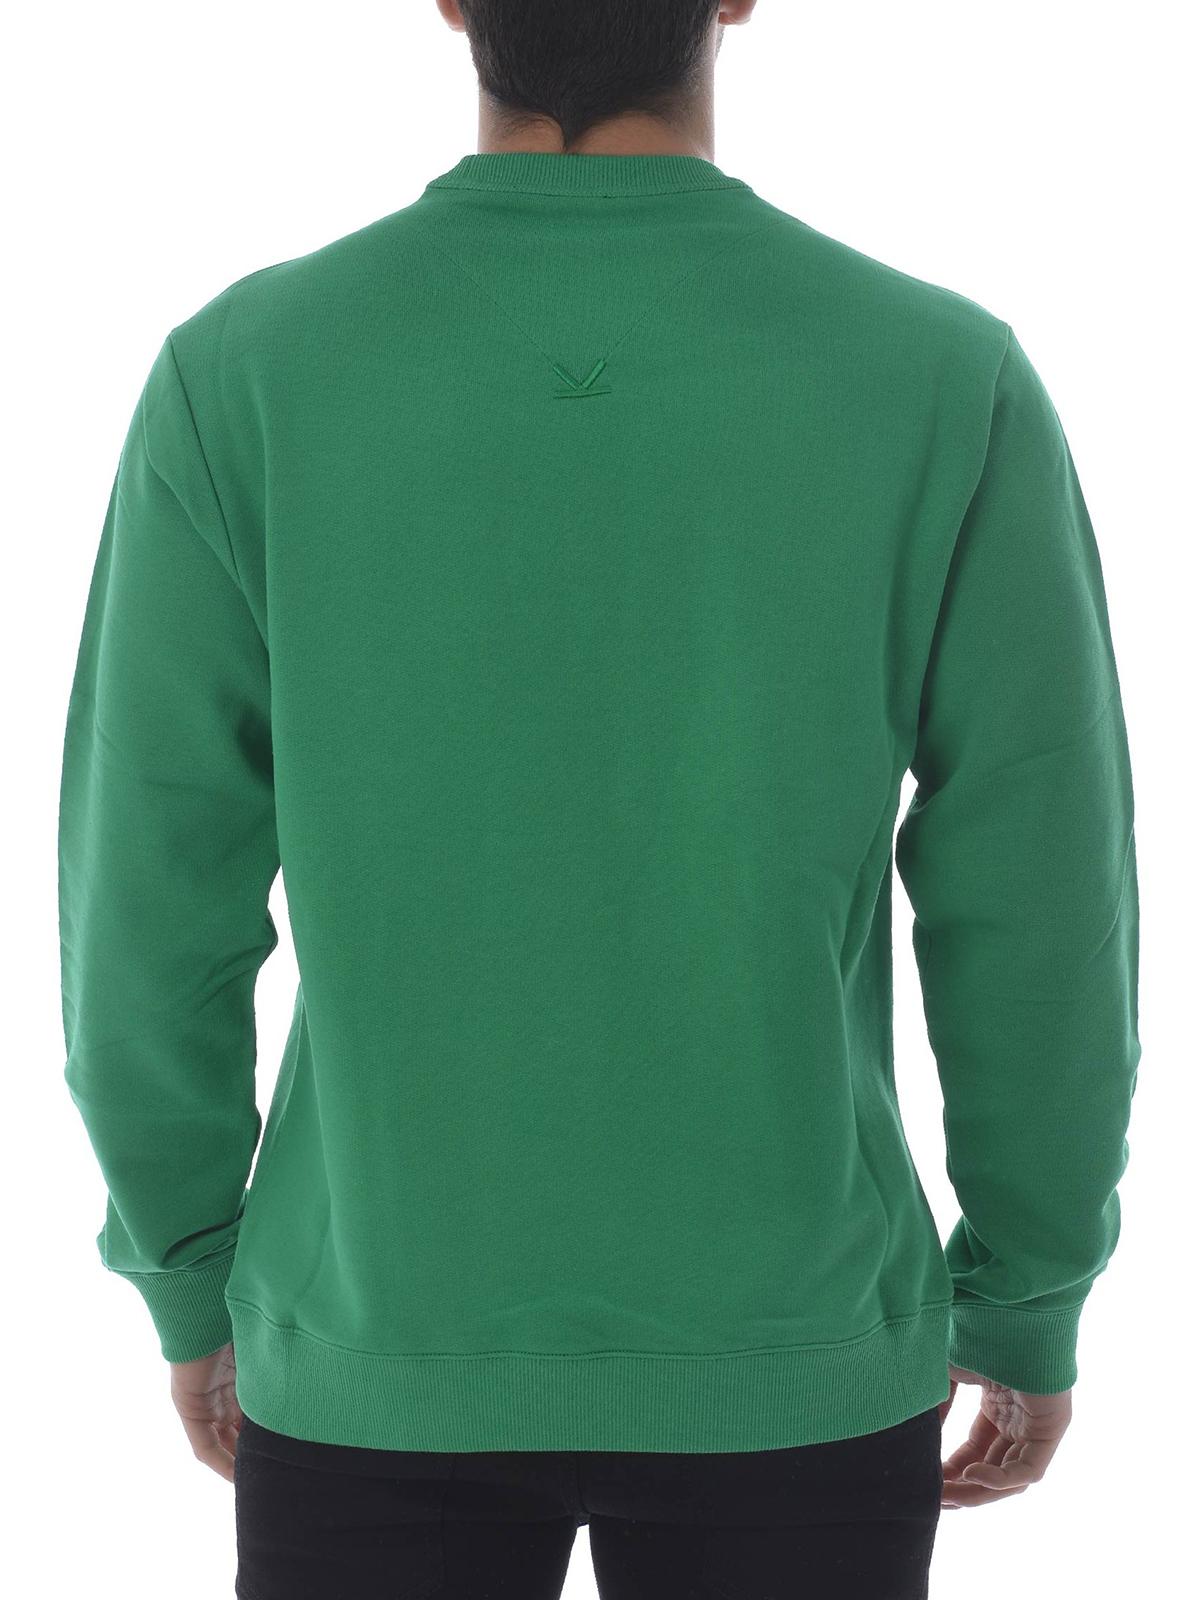 Kenzo Kenzo green sweatshirt Sweatshirts & Sweaters